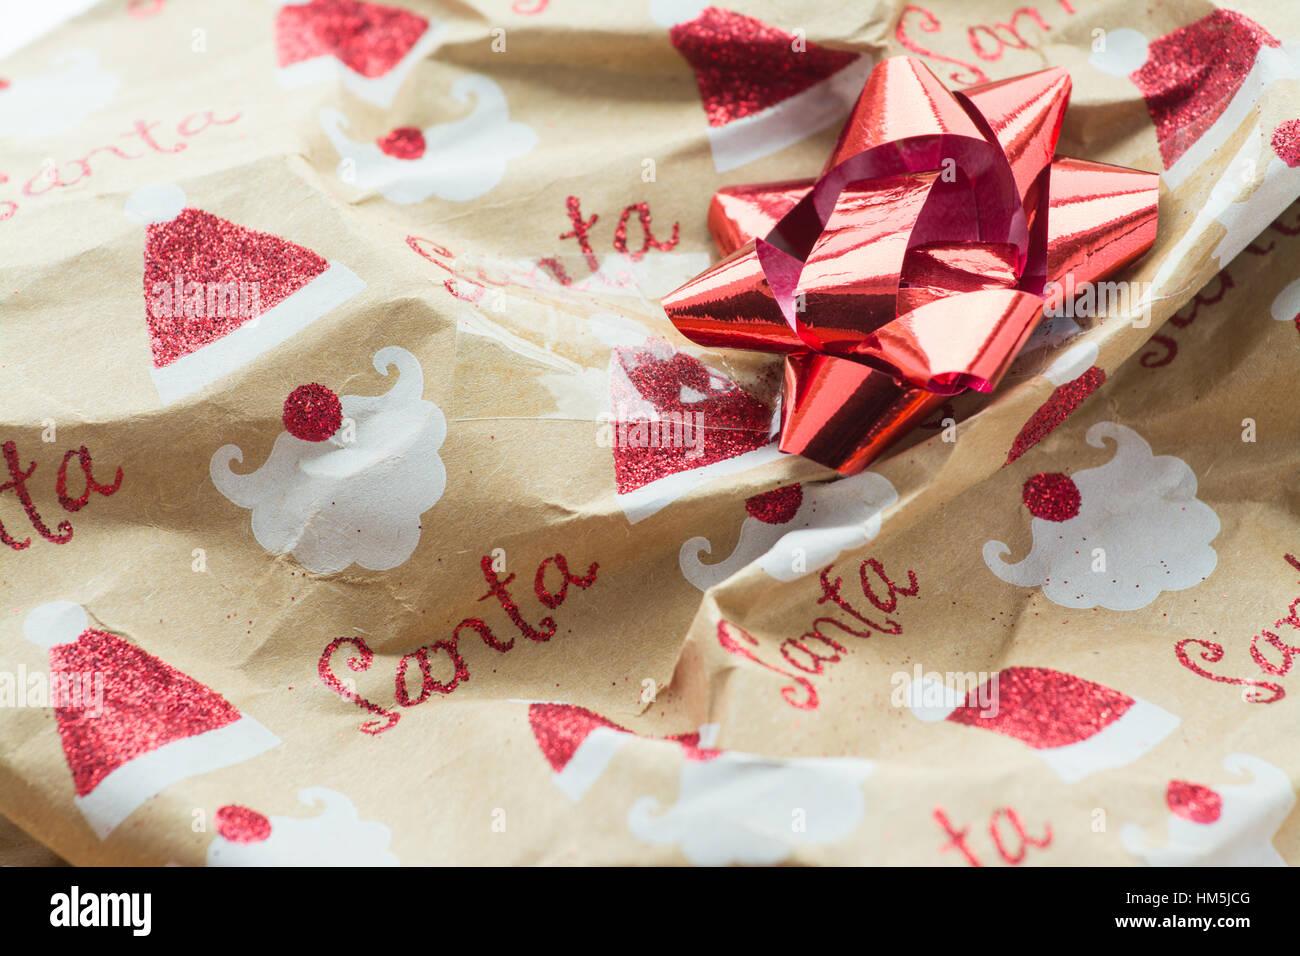 Papel de regalo de navidad unrecyclable con purpurina y sellotape Imagen De Stock